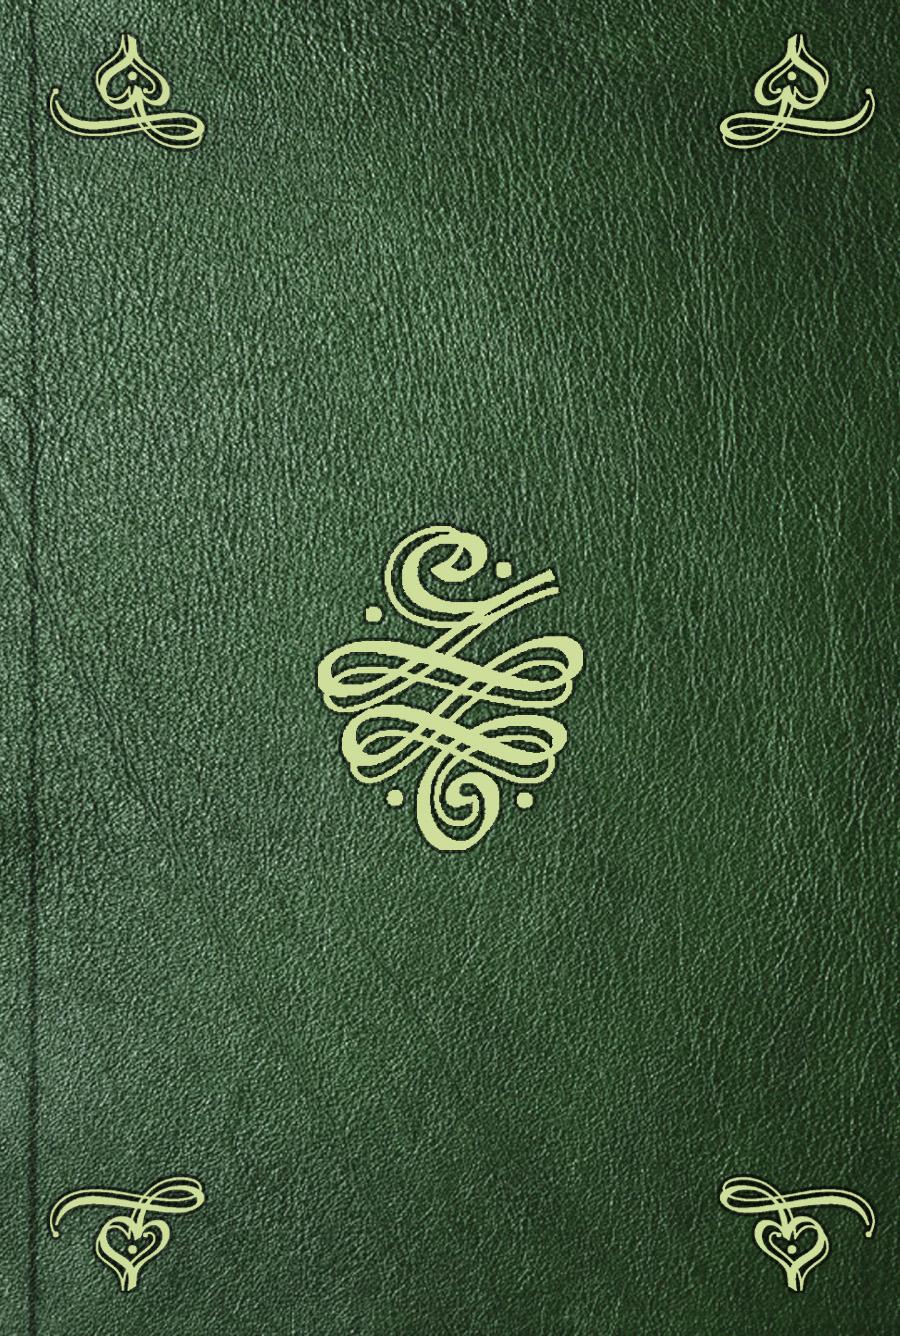 Aubin Louis Millin Dictionnaire des Beaux-arts. T. 3 beaux arts trio beaux arts trio 3 classic albums limited edition 3 cd